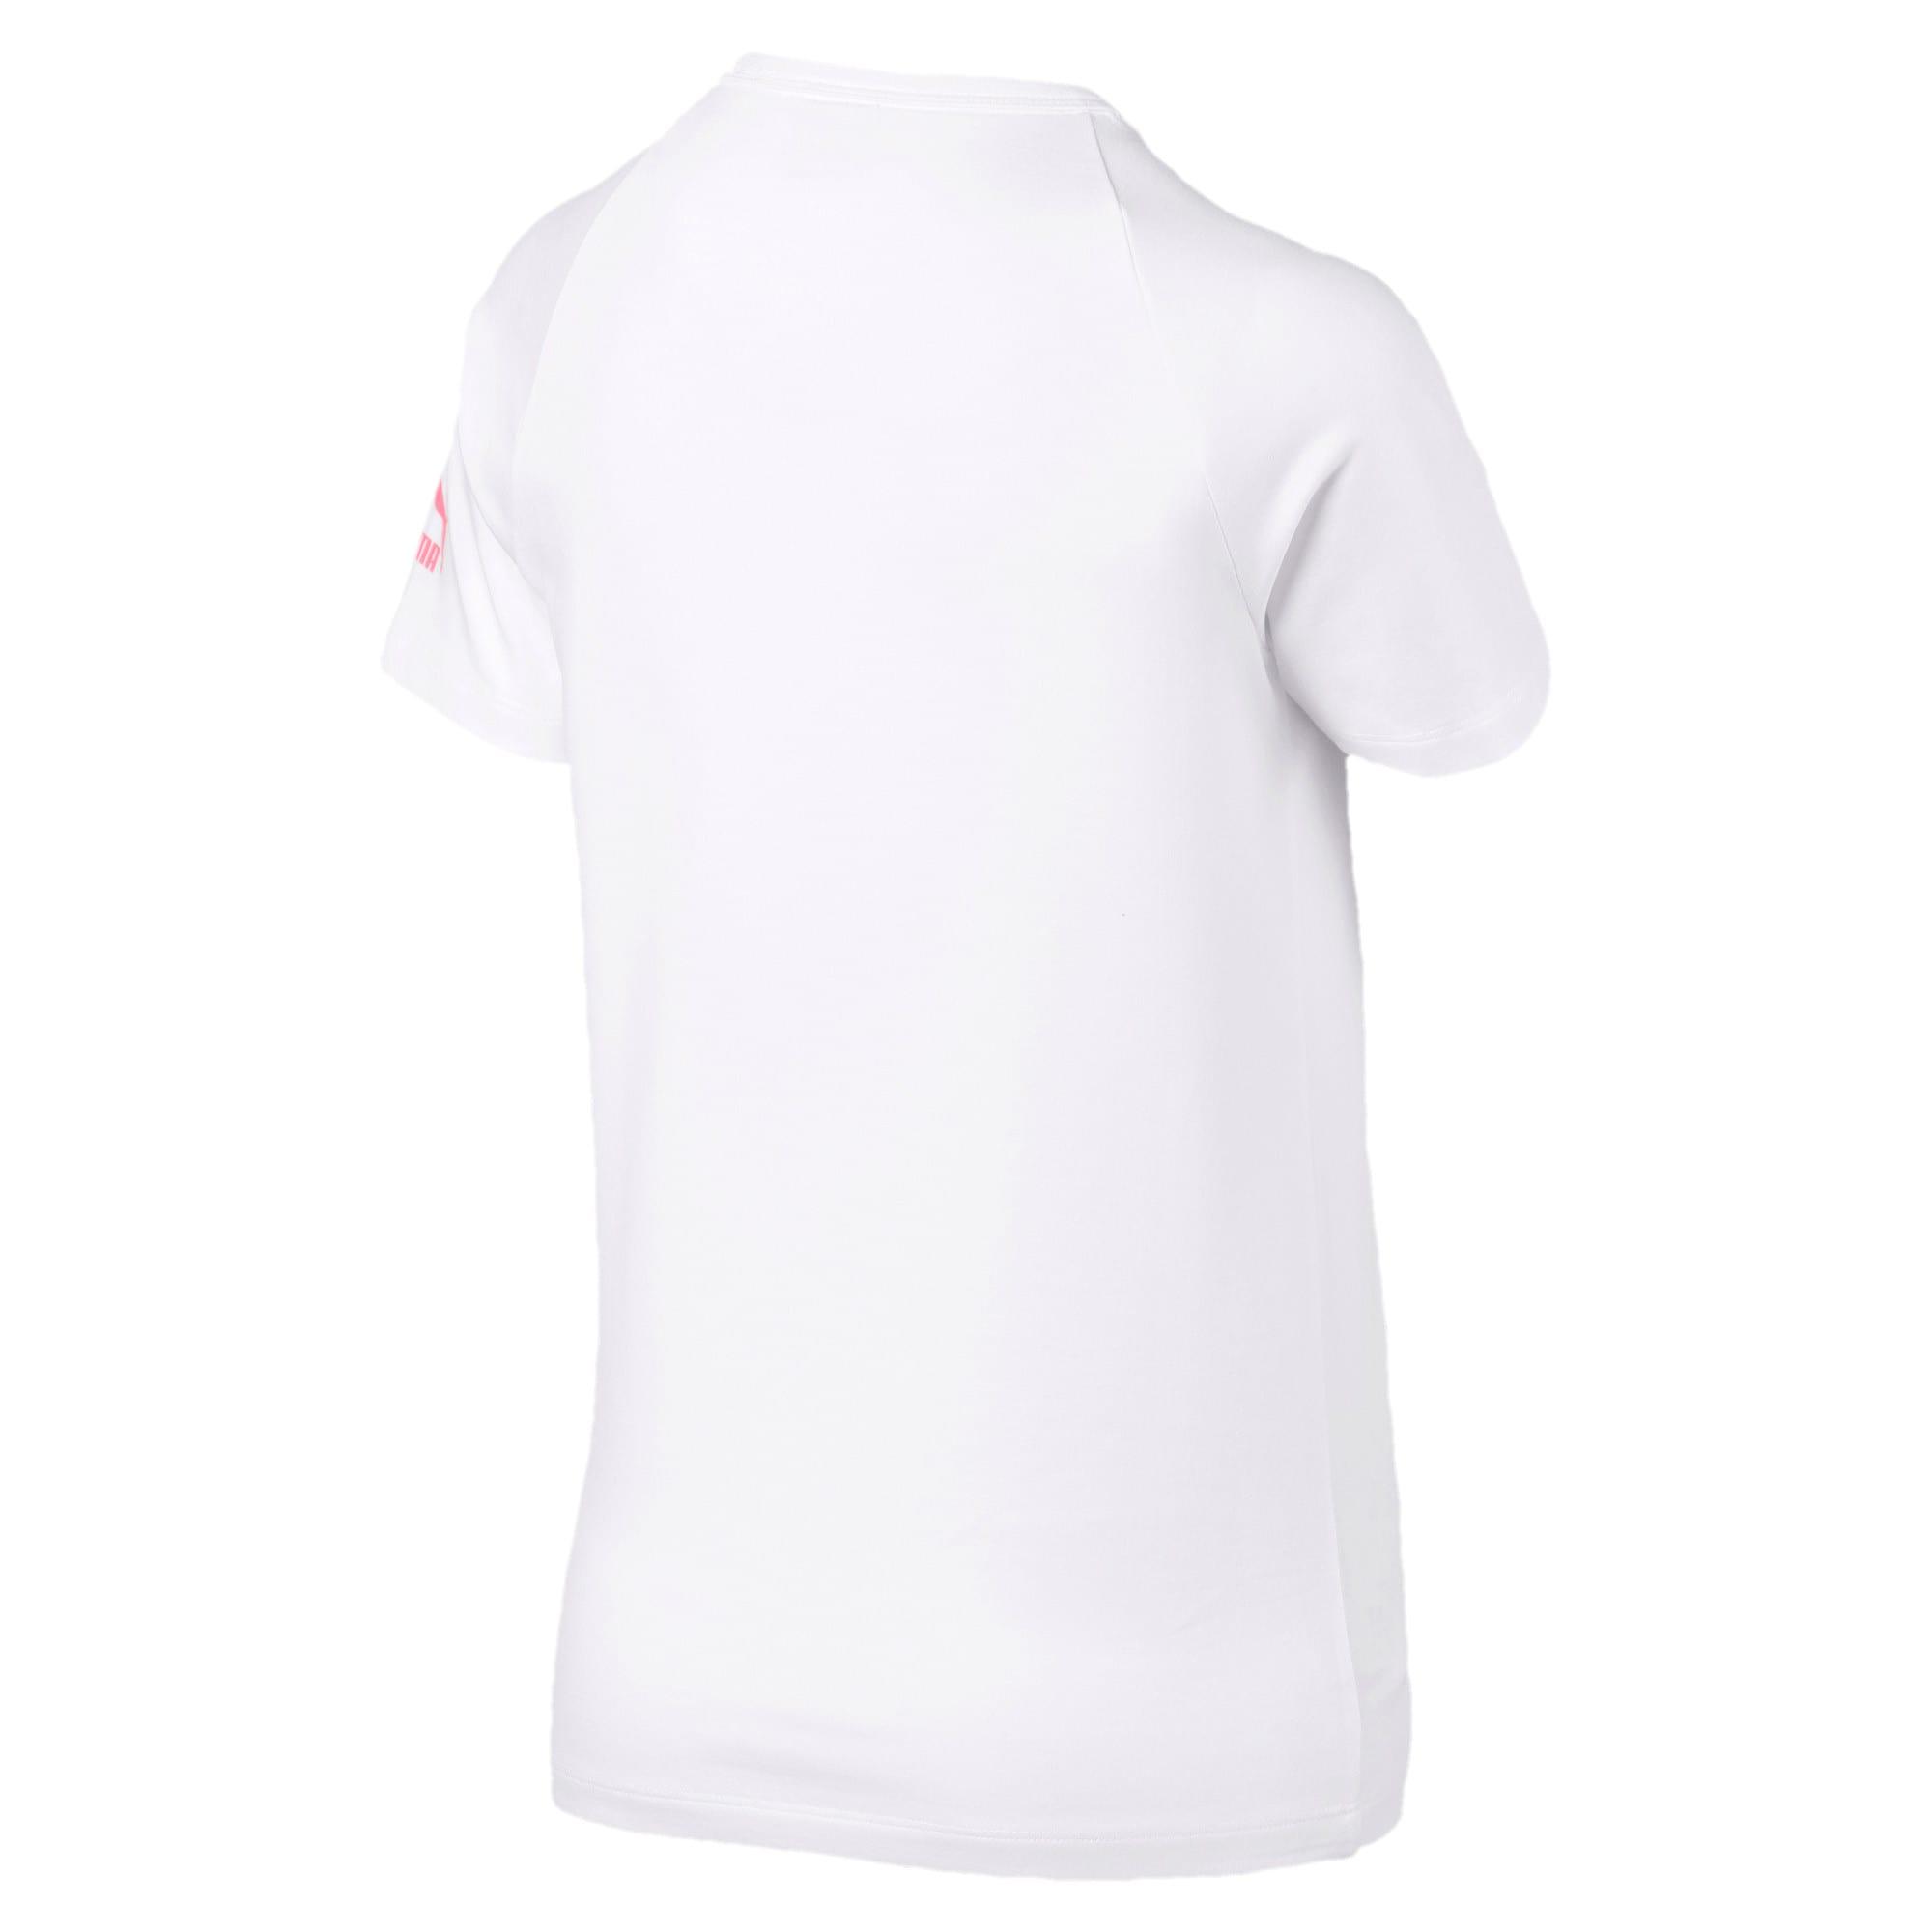 Thumbnail 5 of プーマ XTG ウィメンズ グラフィック SS Tシャツ 半袖, Puma White, medium-JPN